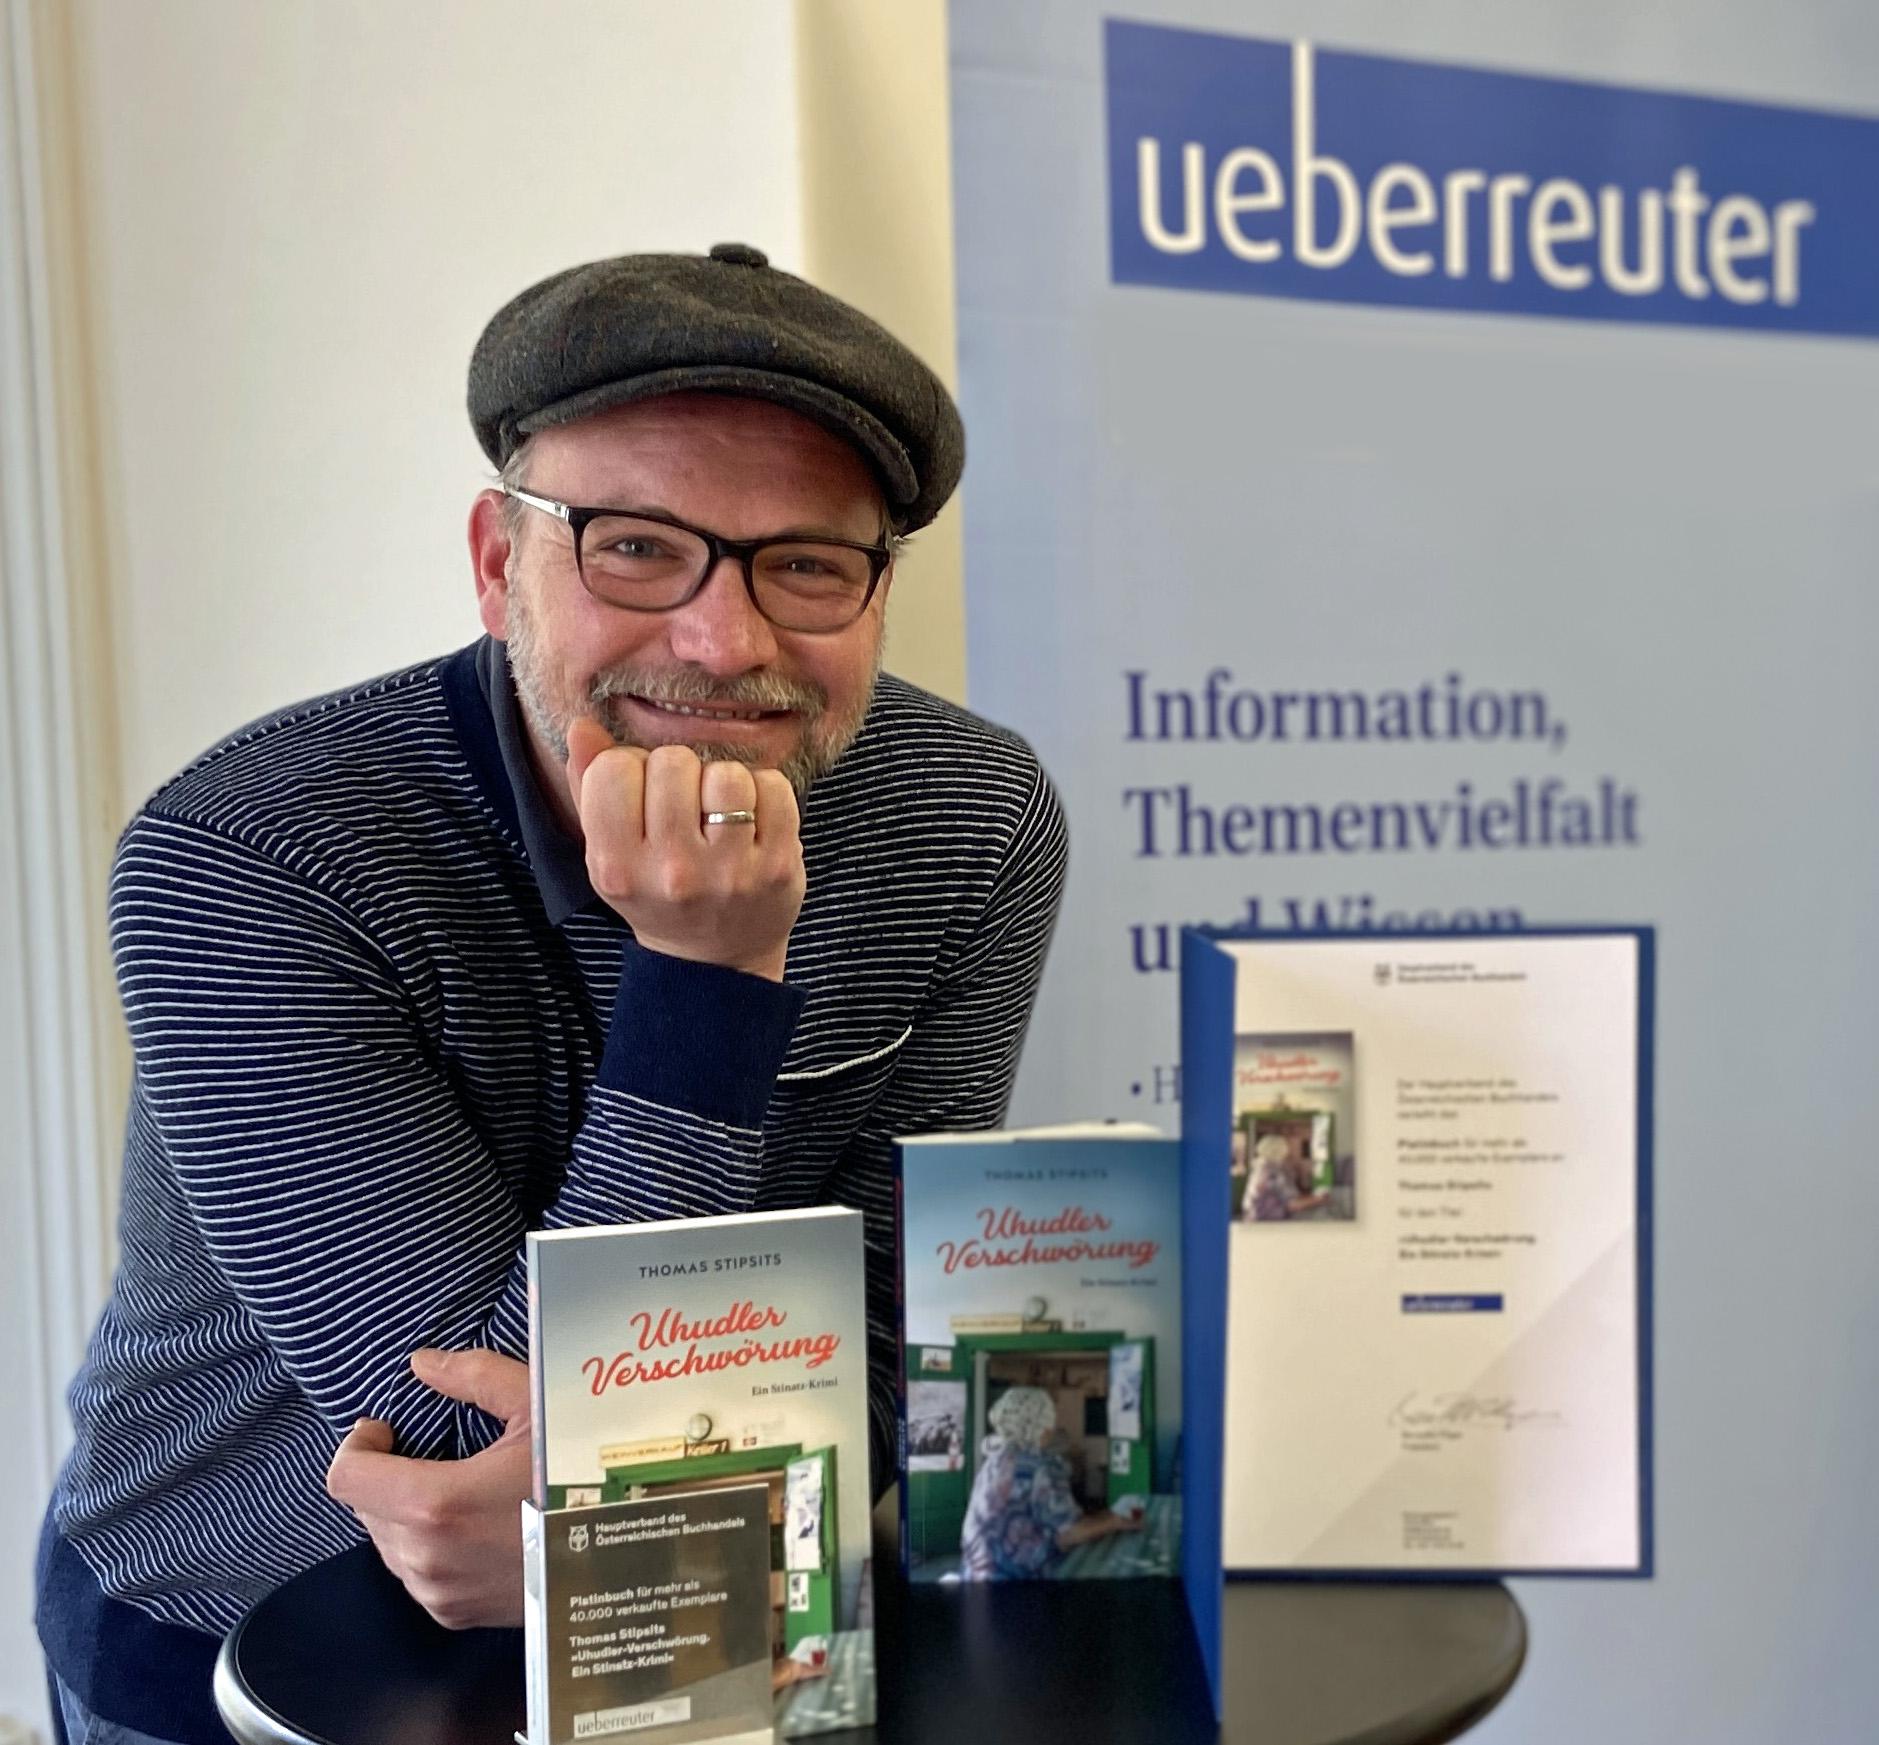 """Thomas Stipsits und die """"Uhudler-Verschwörung"""" werden mit dem Platinbuch ausgezeichnet!"""